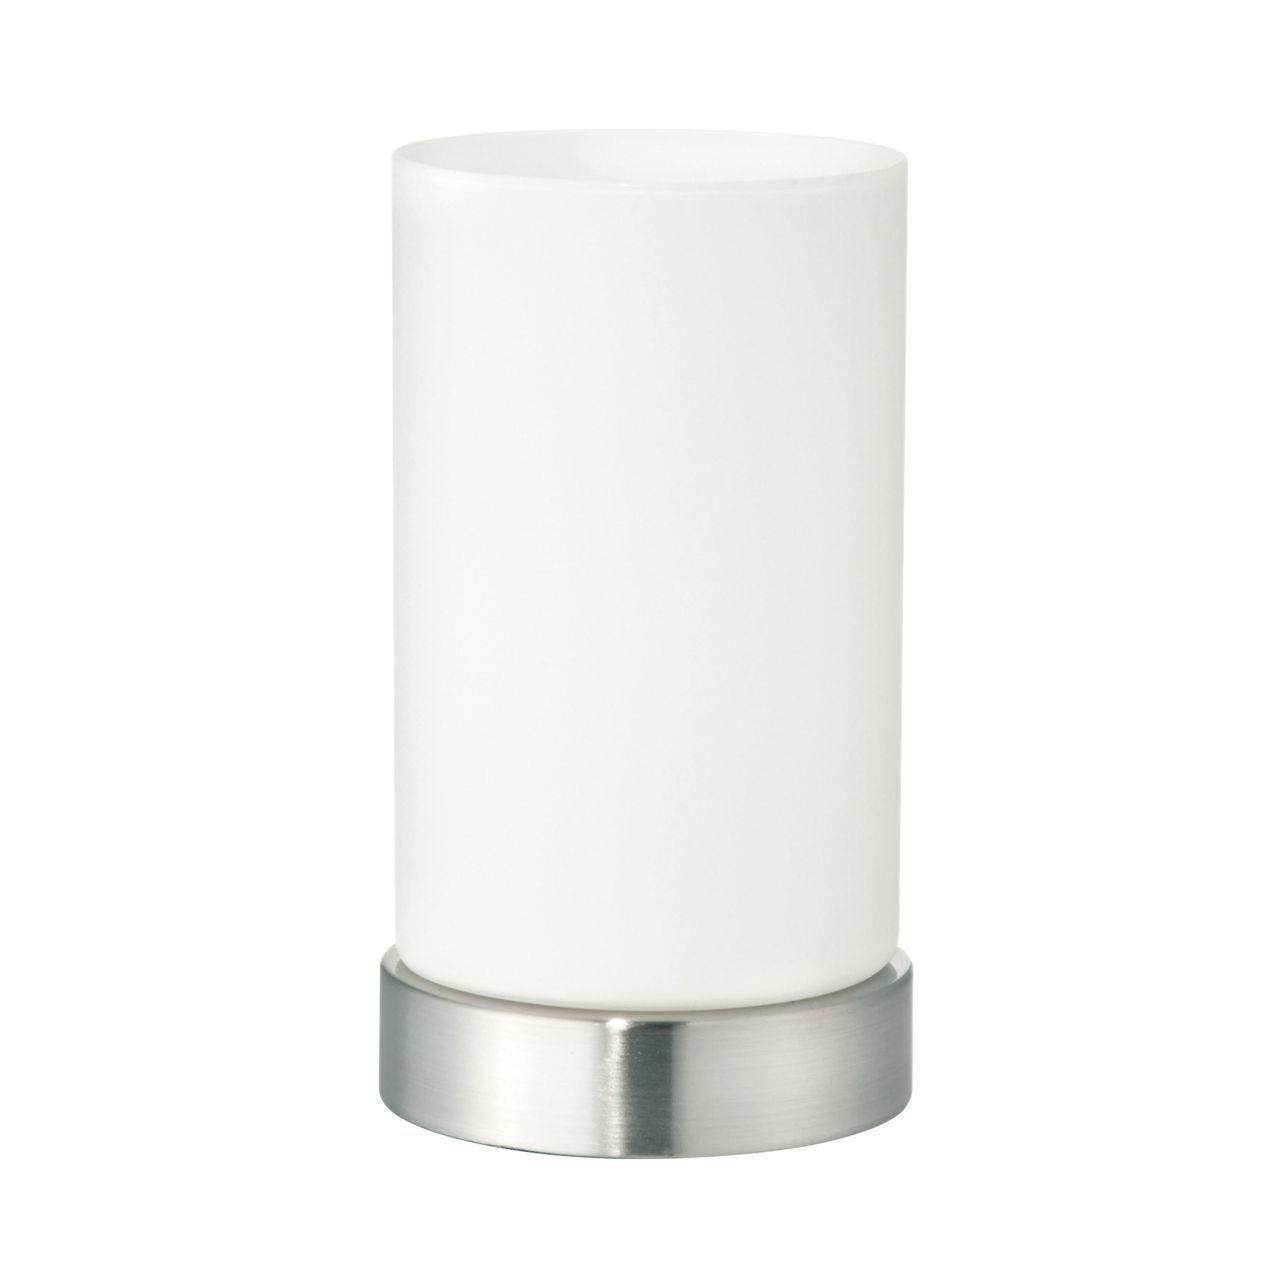 Настольная лампа Spot Light Gina 7910102 настольная лампа spot light fino 7020128